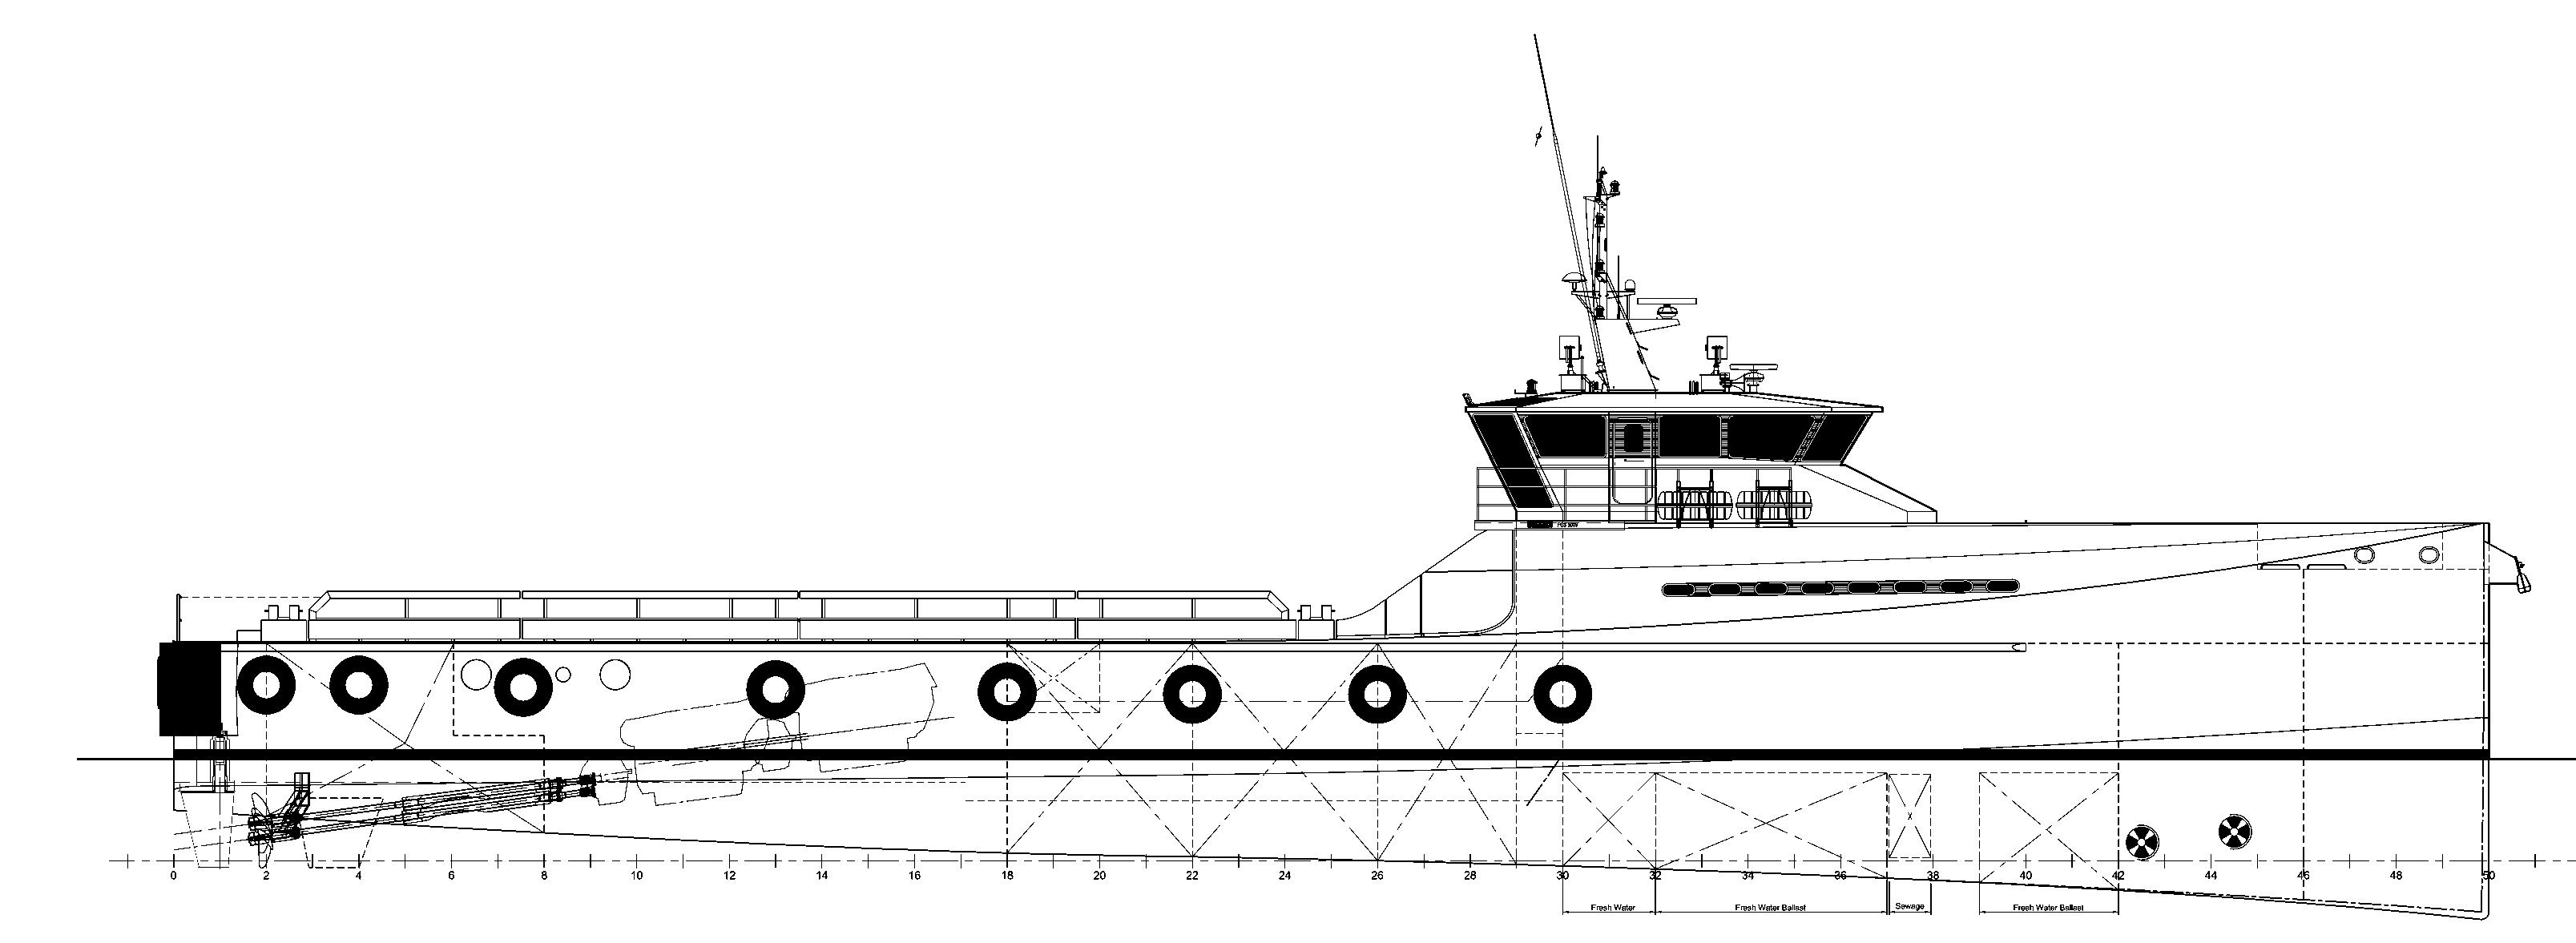 Sea Axe Bow